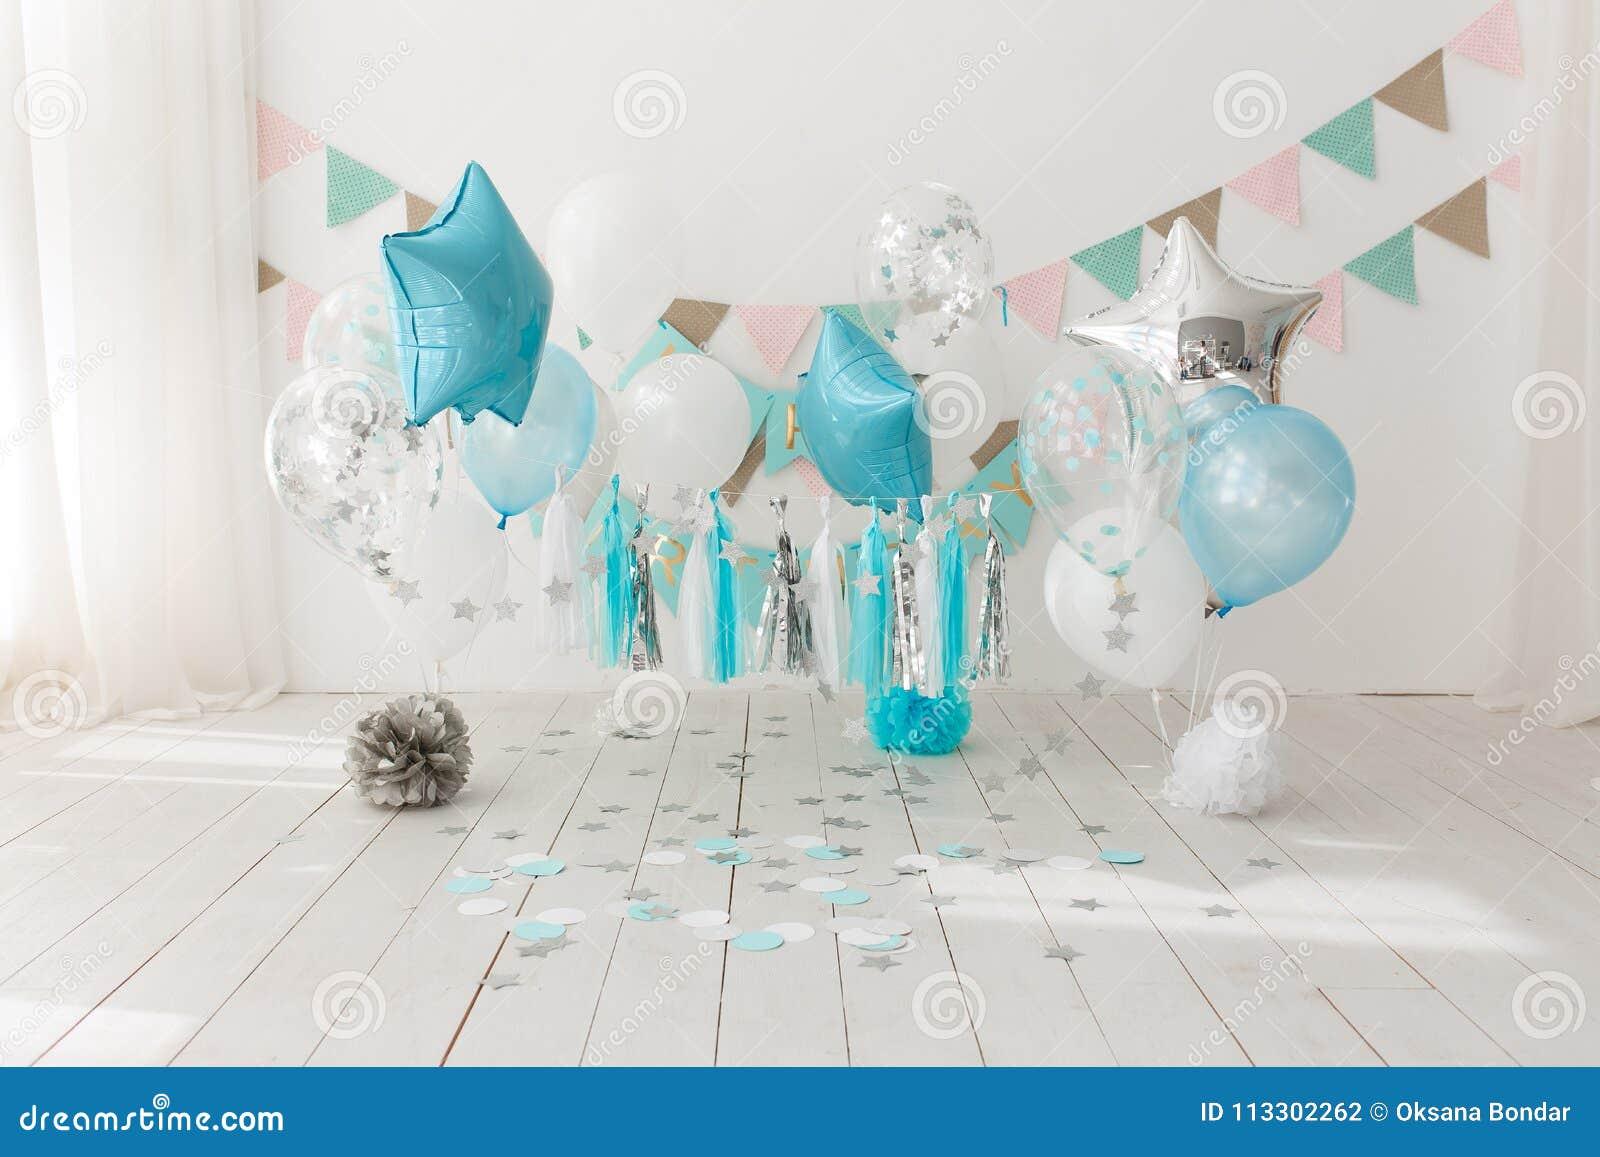 Decoração festiva do fundo para a celebração do aniversário com bolo gourmet e os balões azuis no estúdio, quebra do bolo primeir